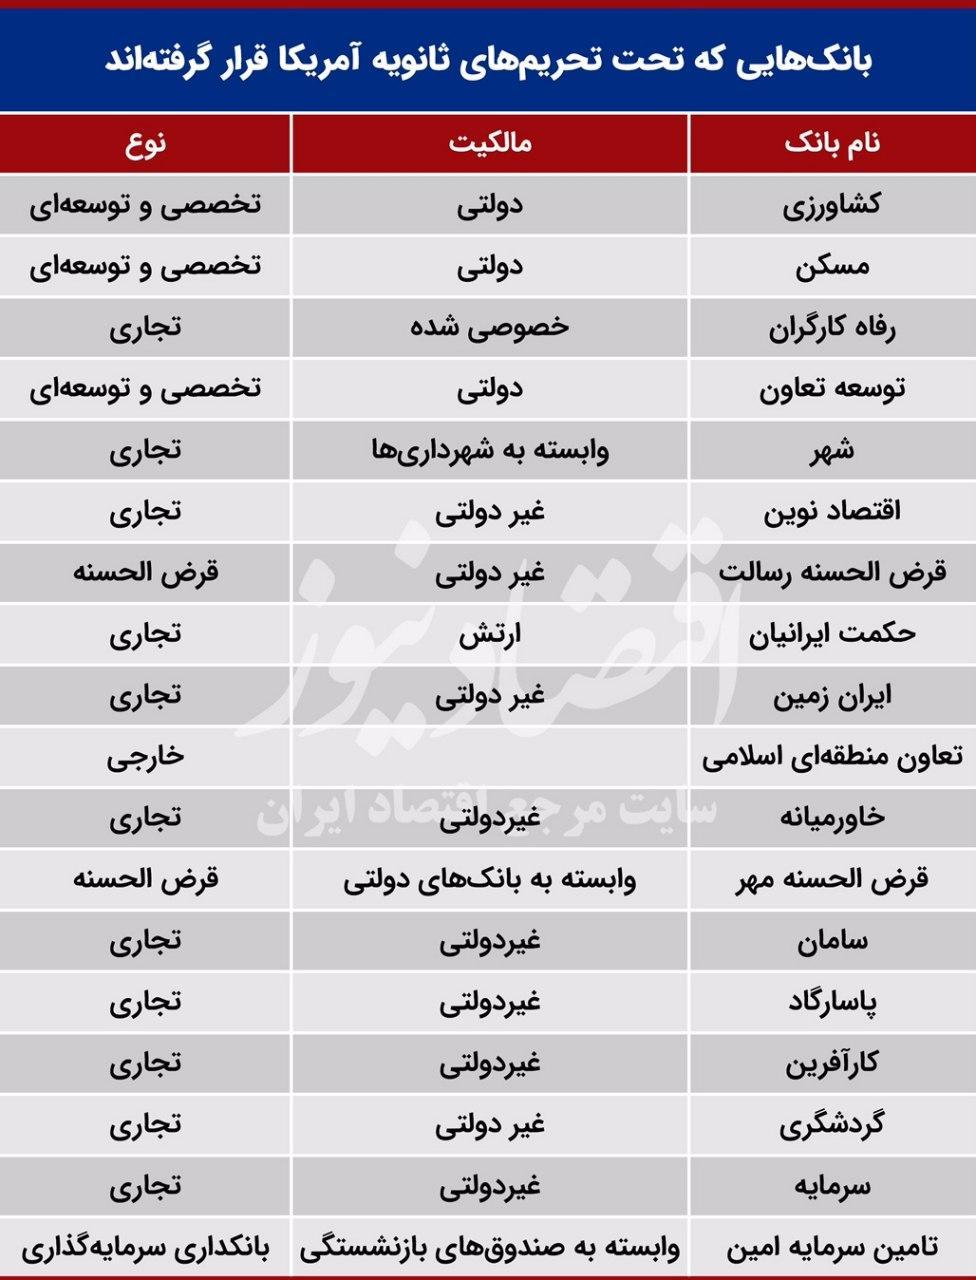 بانک های تحریمی ایران